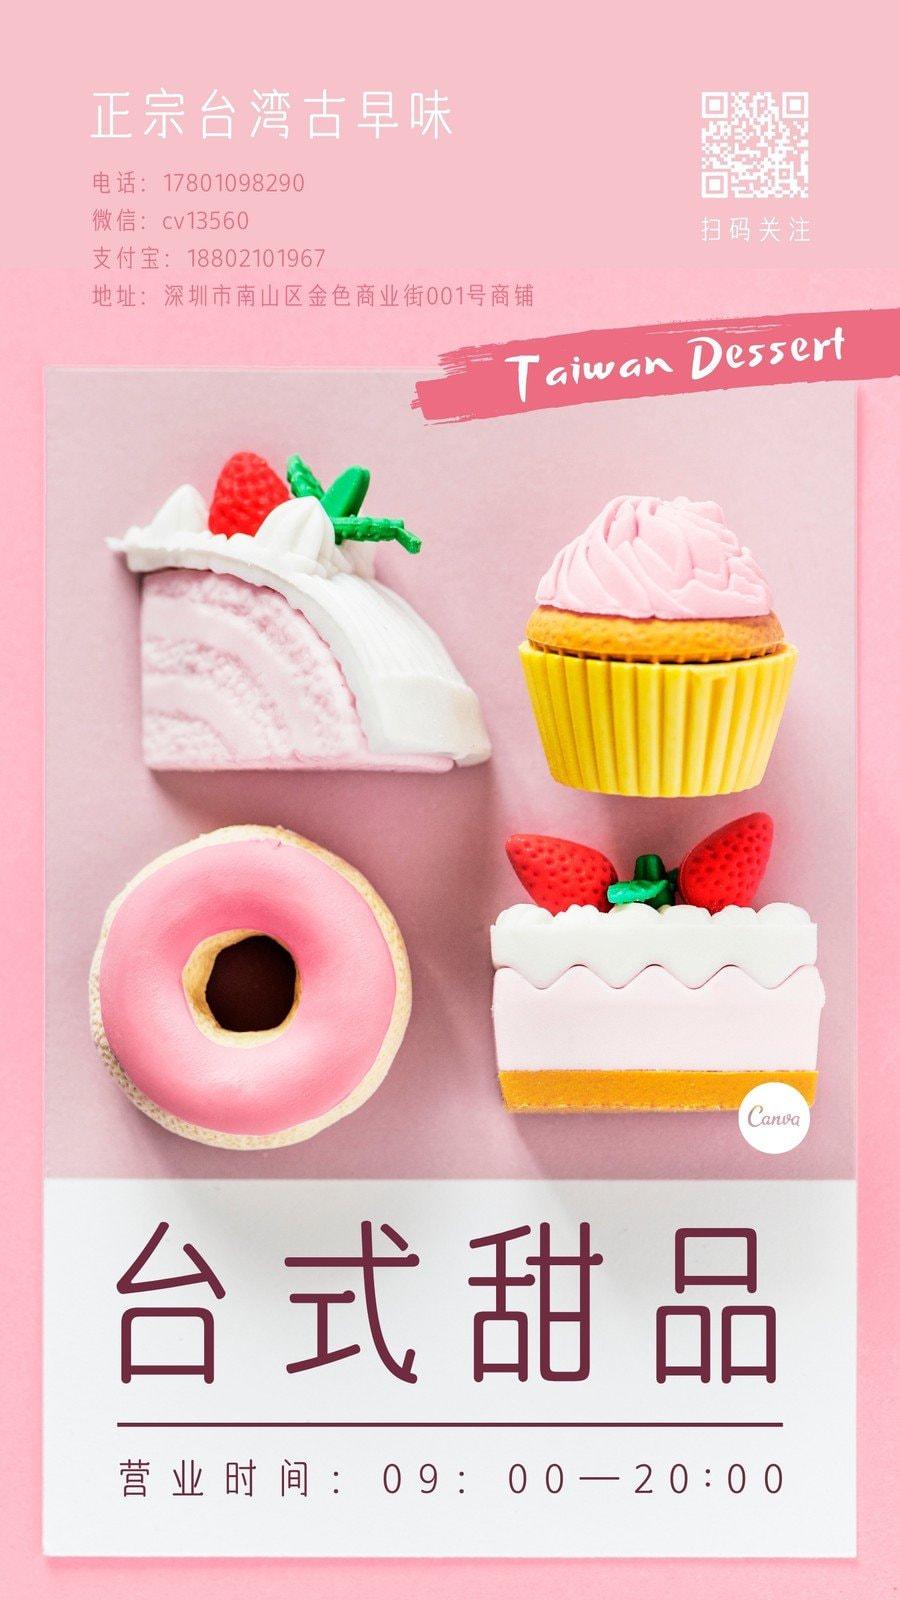 粉白色甜品蛋糕甜甜圈清新餐饮介绍中文电子名片